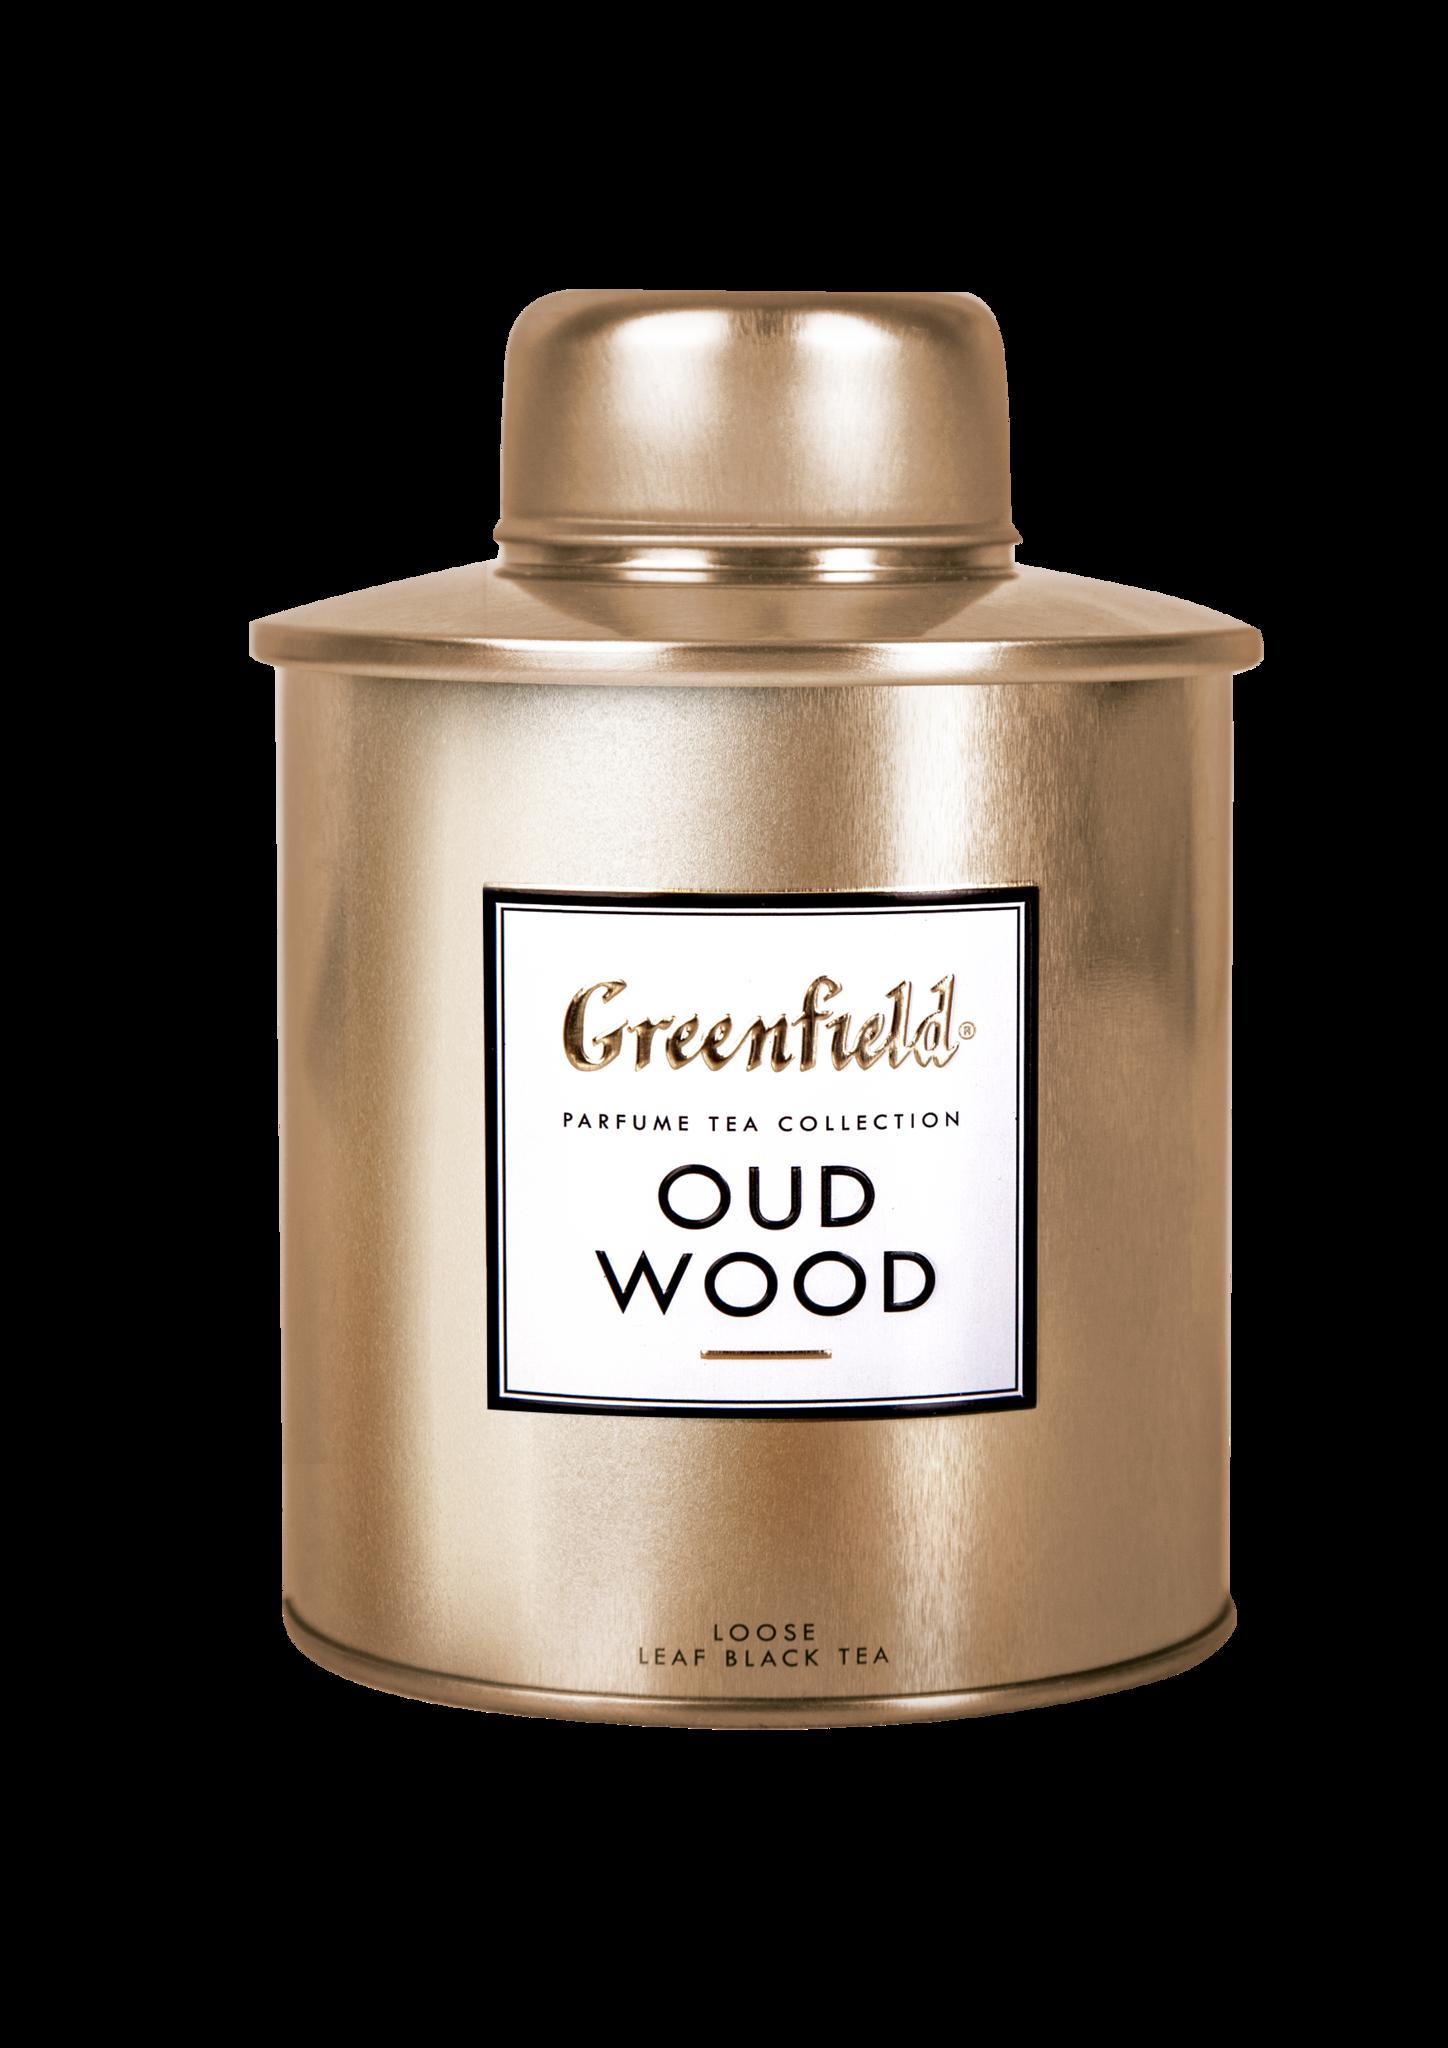 Greenfield ГРИНФИЛД Подарочный набор. Уд Вуд с ароматической свечой, чай черный листовой в жестяной банке